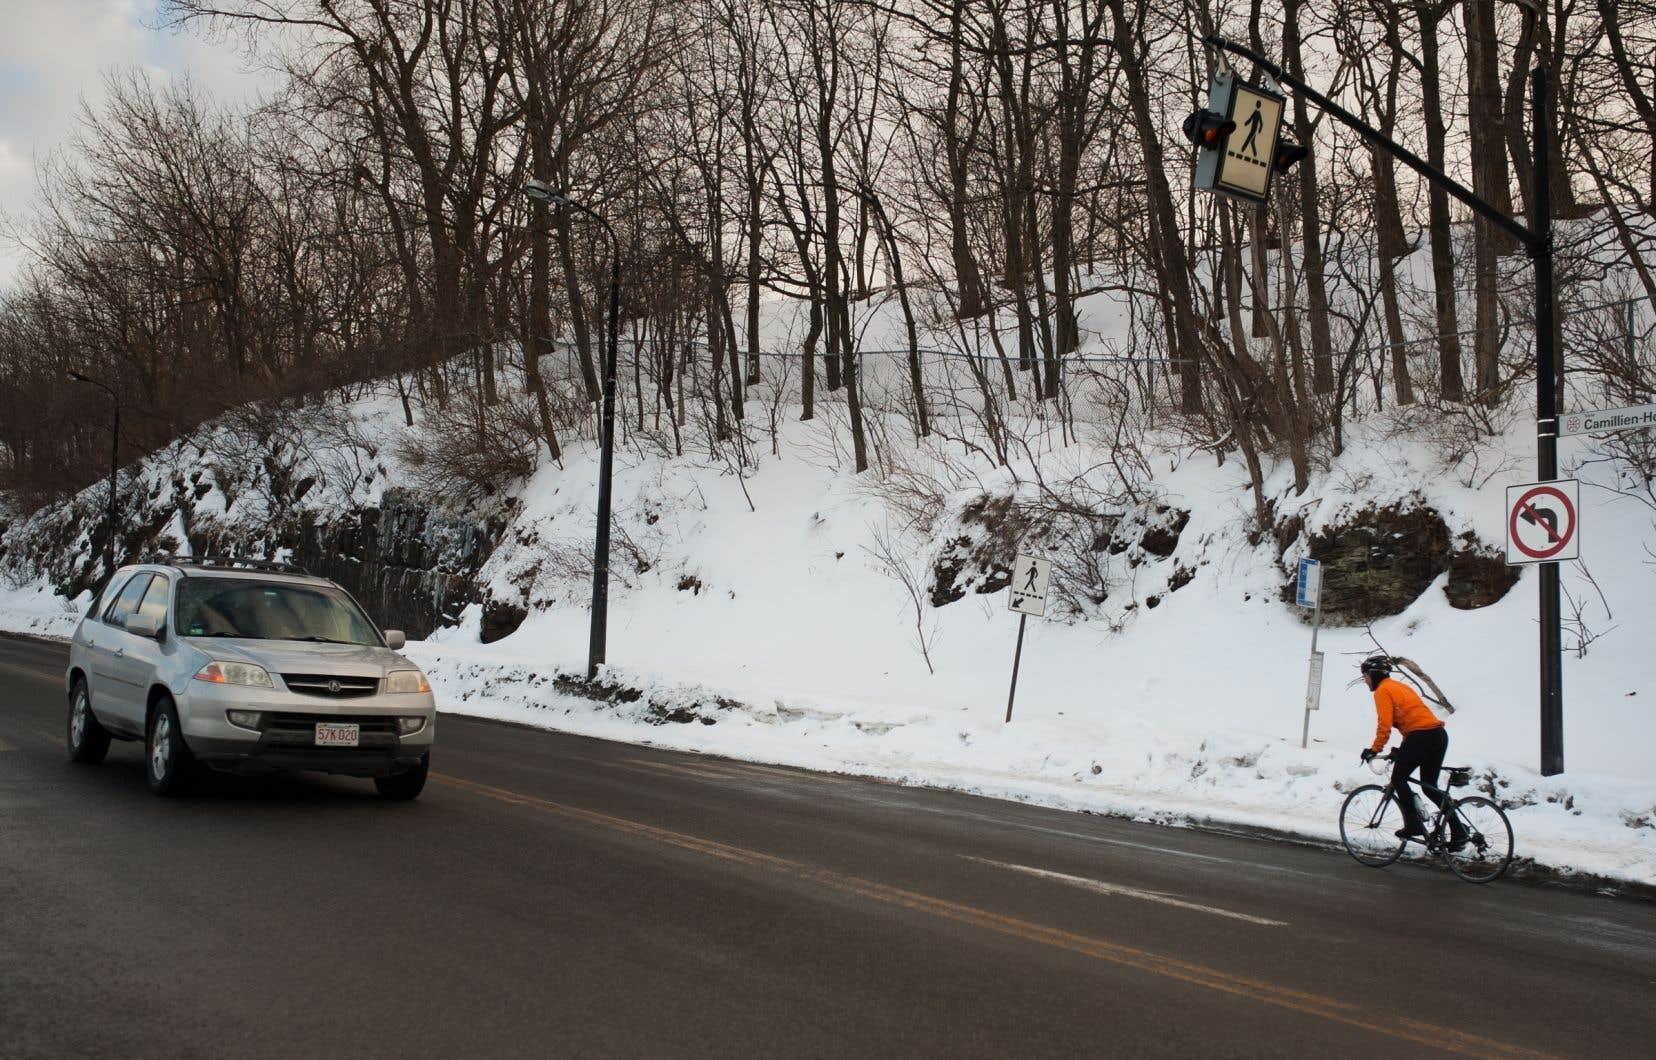 Les automobilistes pourront continuer de se rendre sur le mont Royal en voiture, mais il leur sera interdit de traverser la montagne.